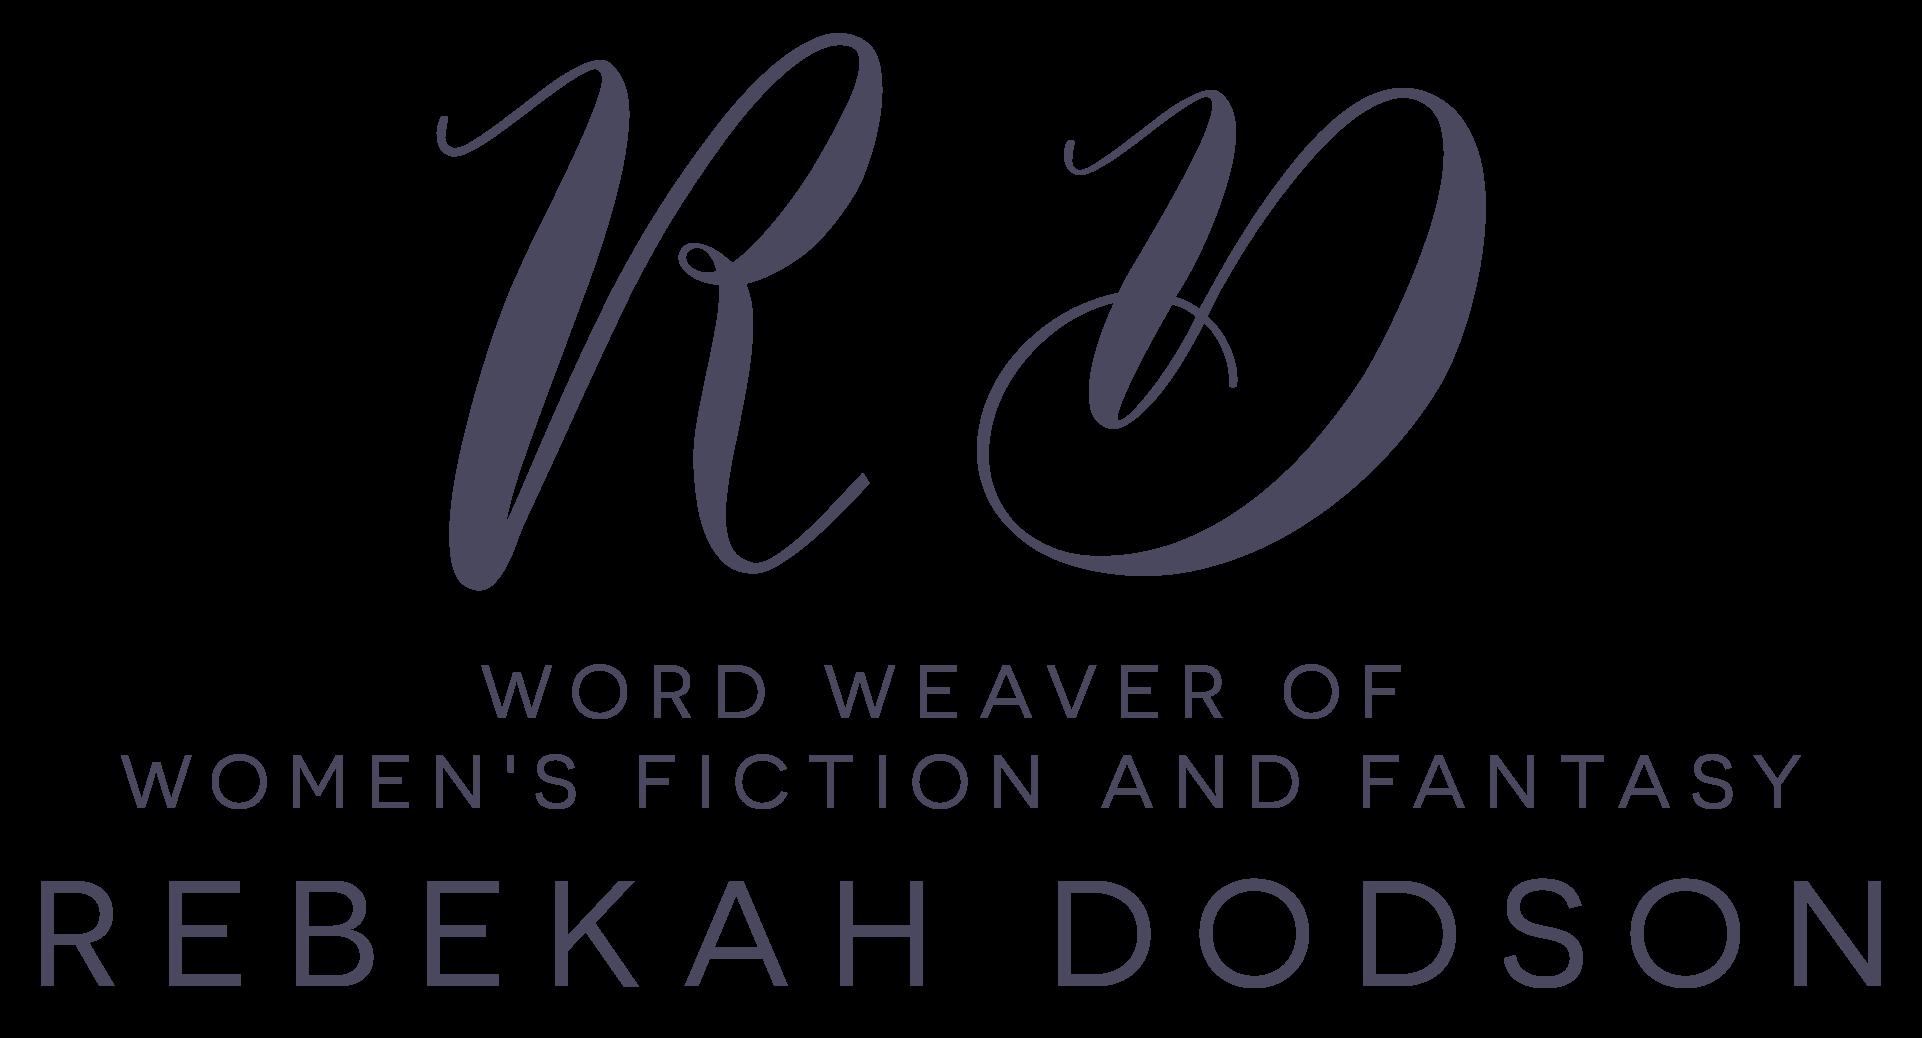 Rebekah Dodson